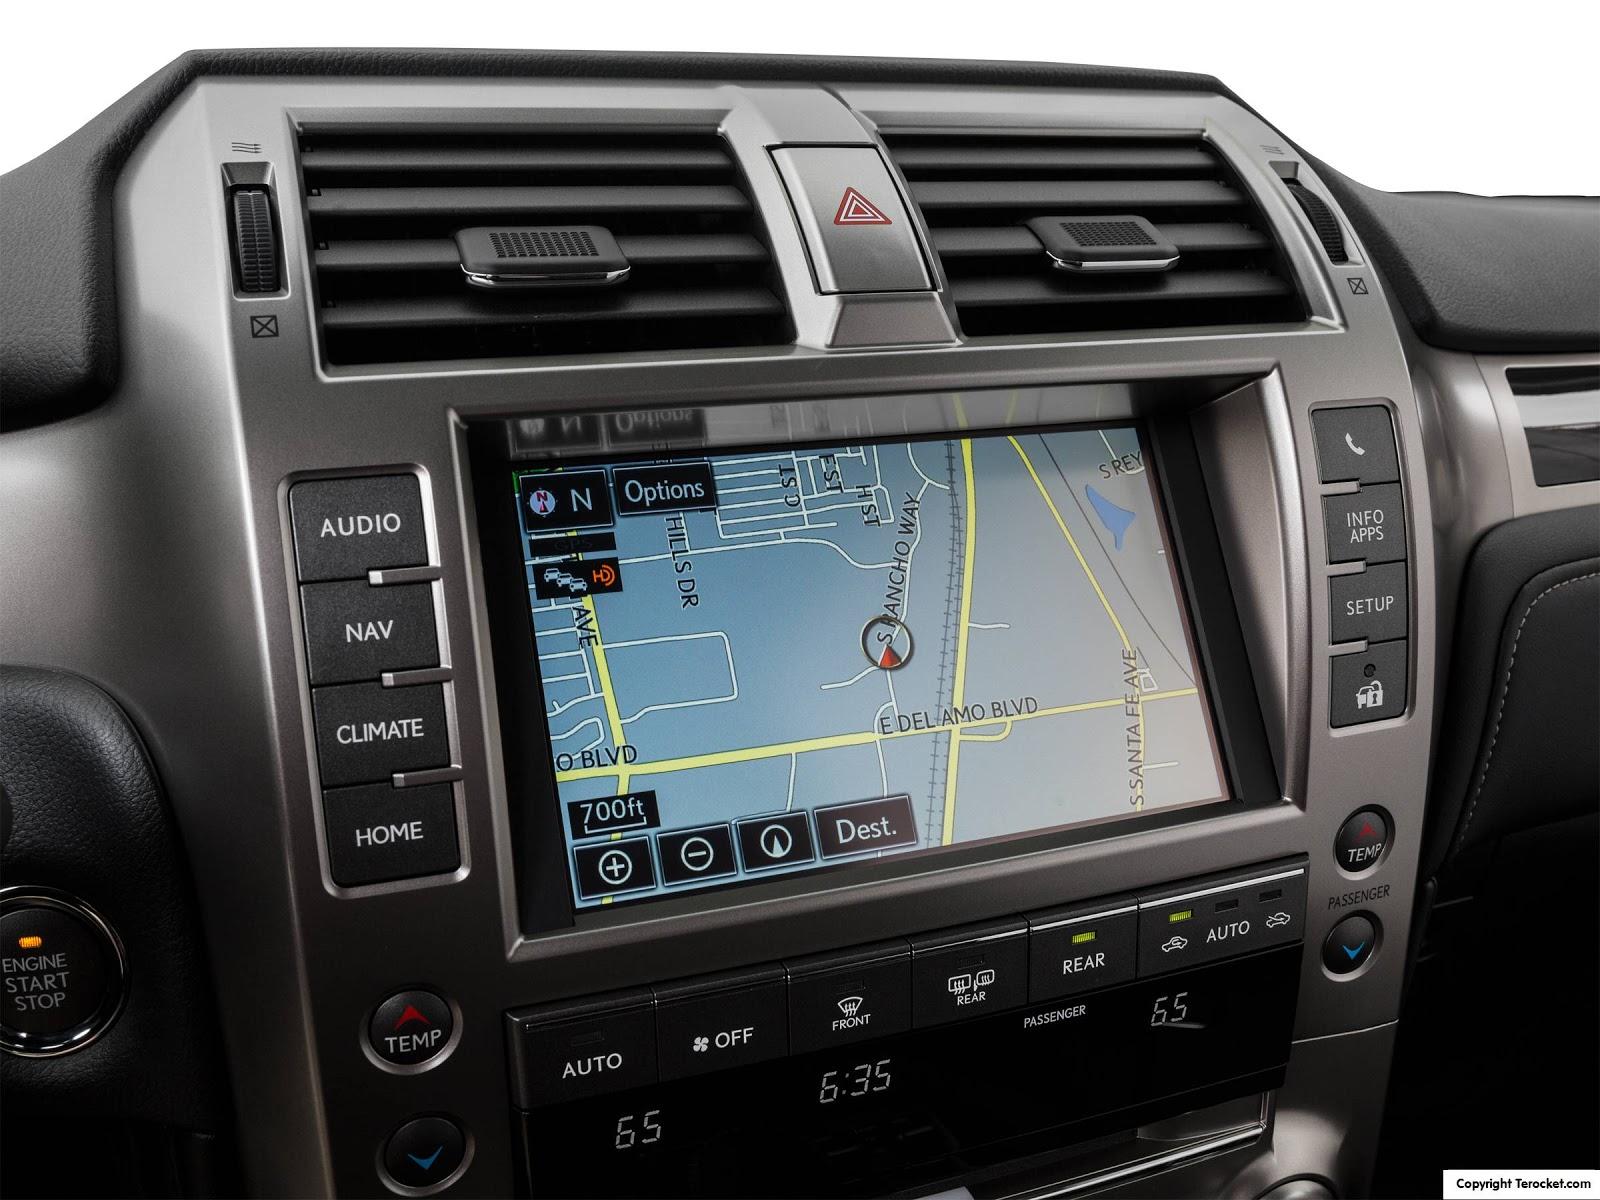 Nhiều tính năng như định vị, chỉ dẫn bản đồ, giải trí, cảnh báo nguy hiểm đều được trang bị trên Lexus GX460 2016